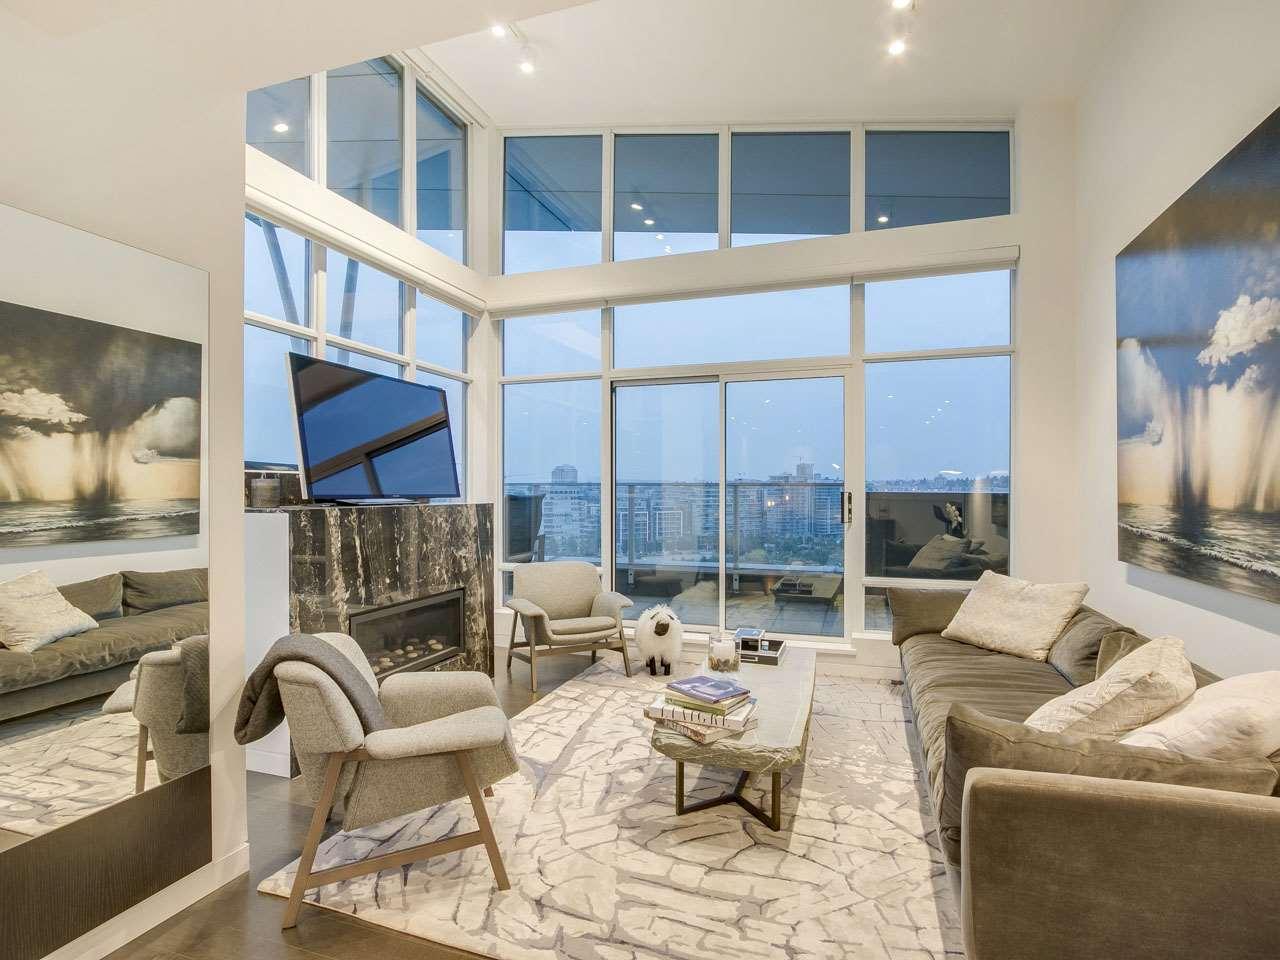 Condo Apartment at PH3 980 COOPERAGE WAY, Unit PH3, Vancouver West, British Columbia. Image 5